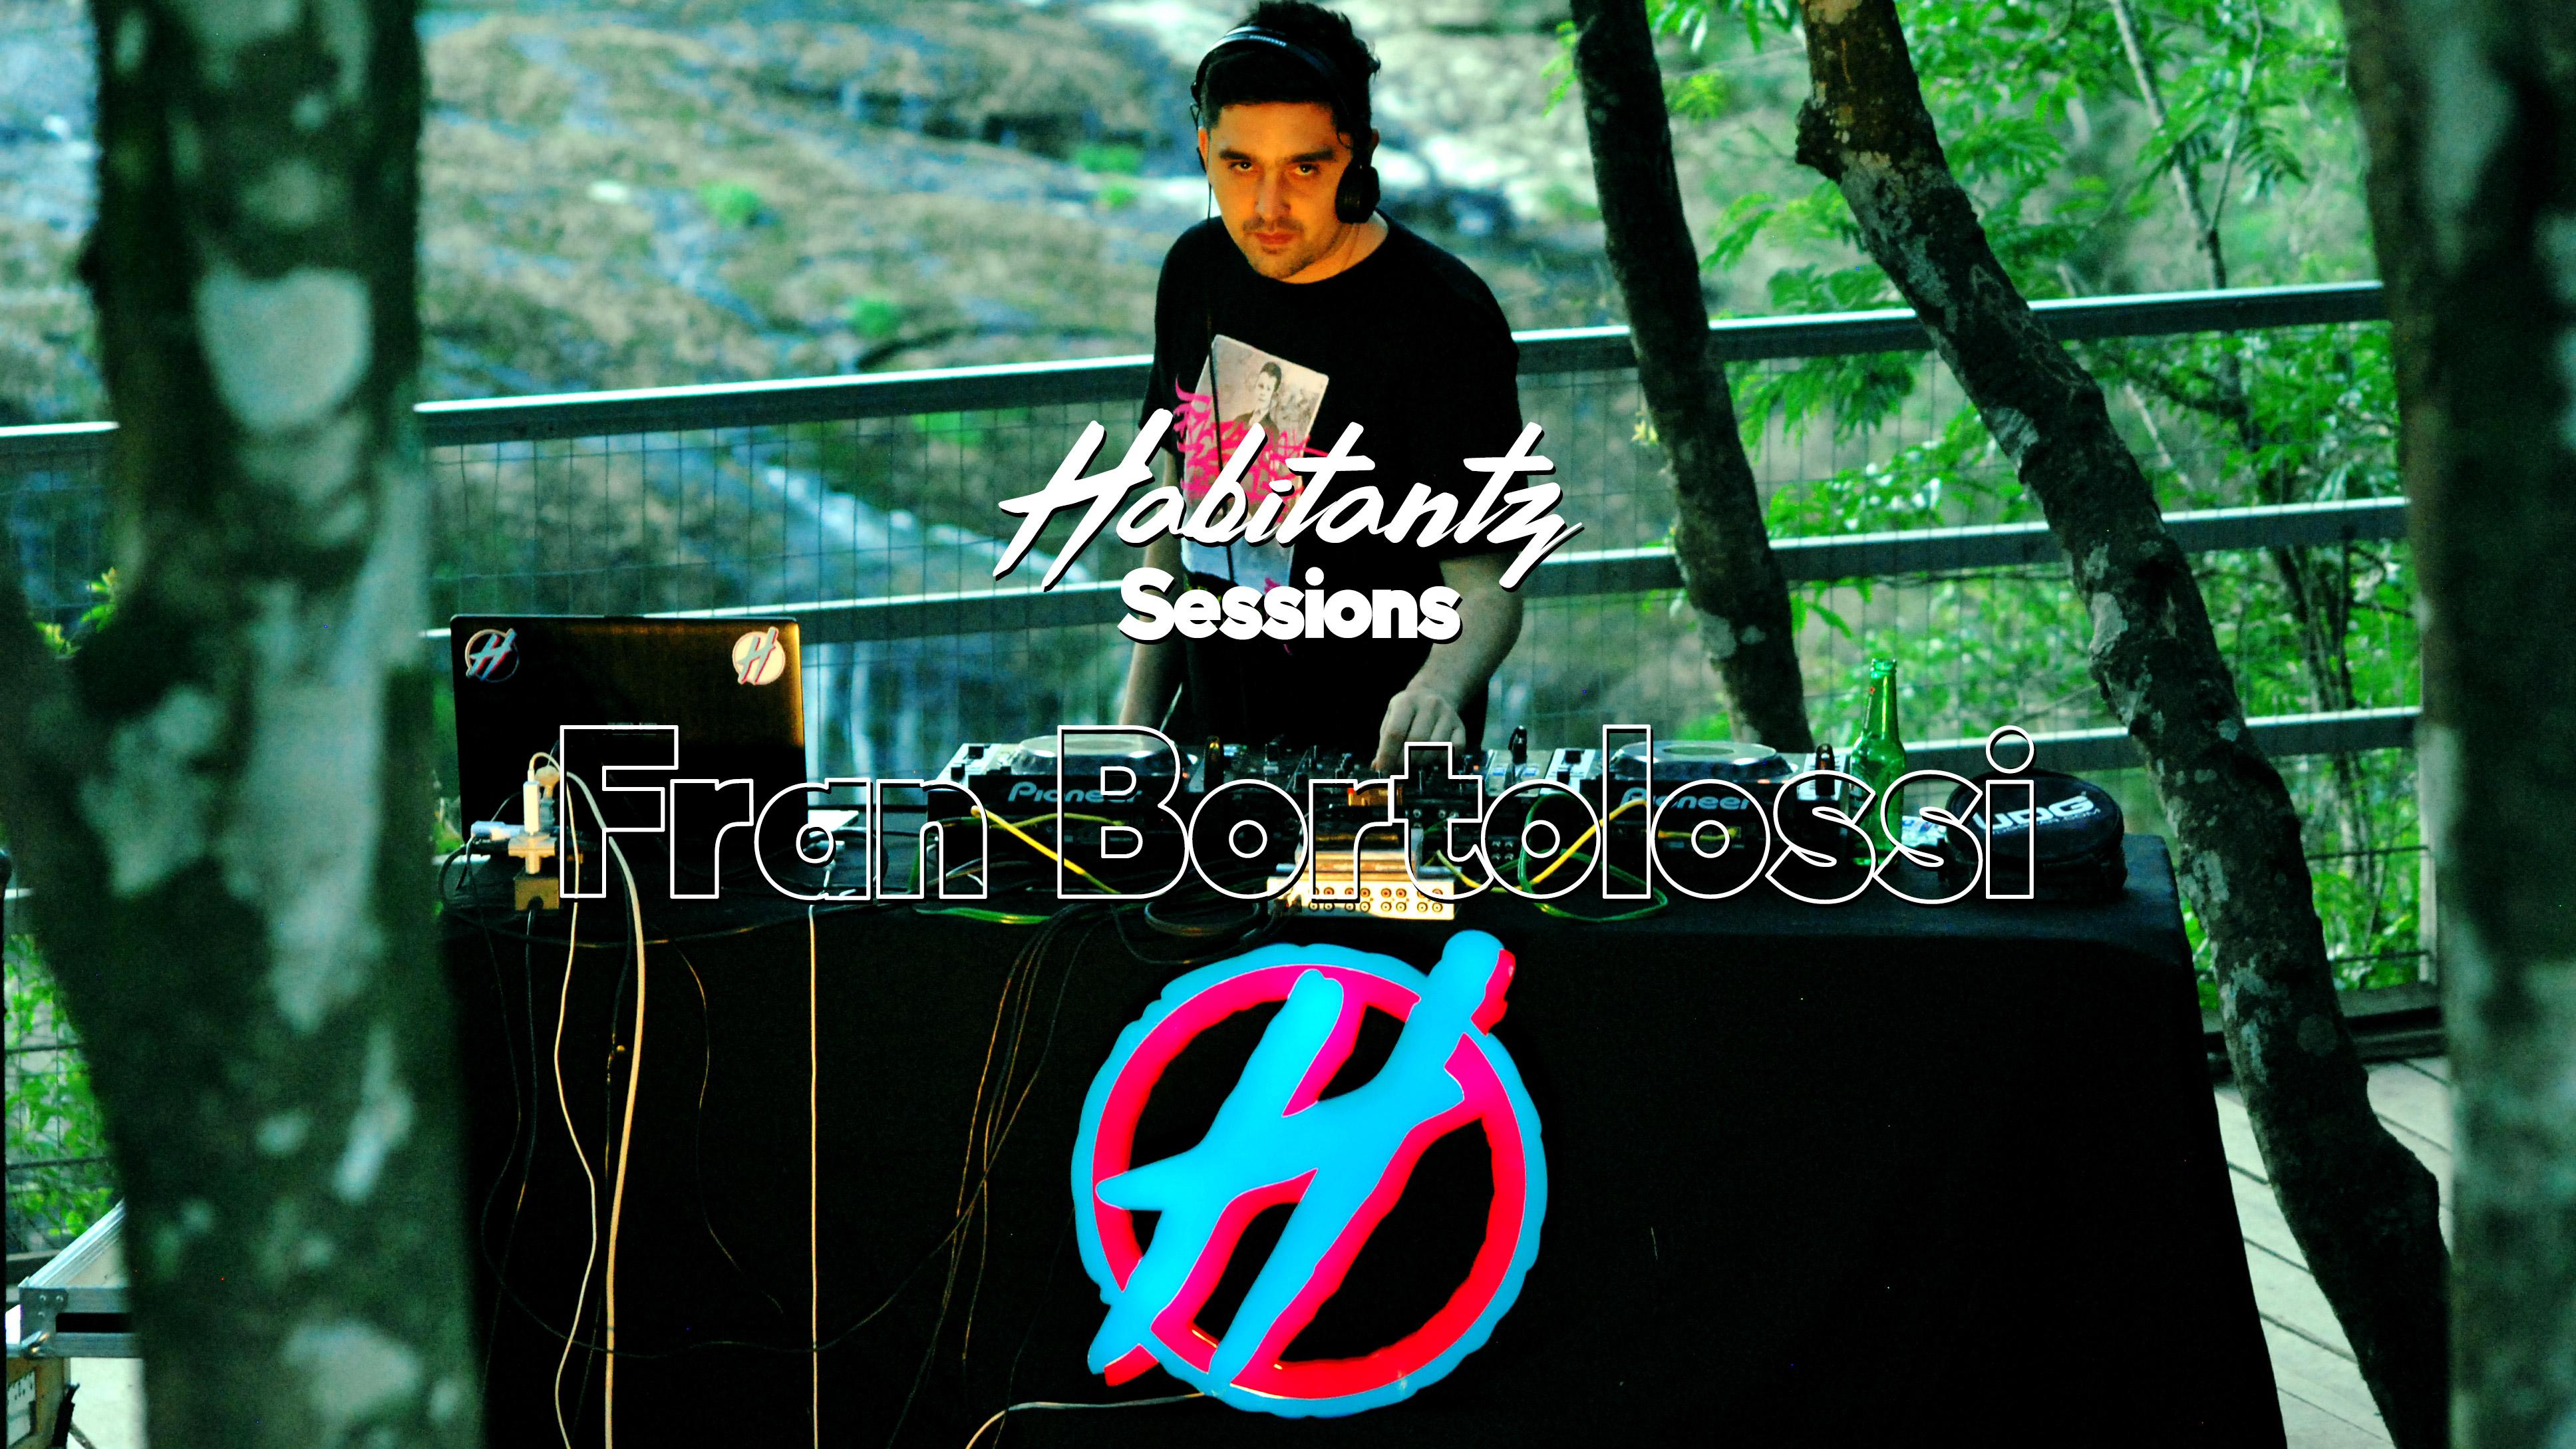 Habitantz Sessions - Fran Bortolossi at Salto Ventoso